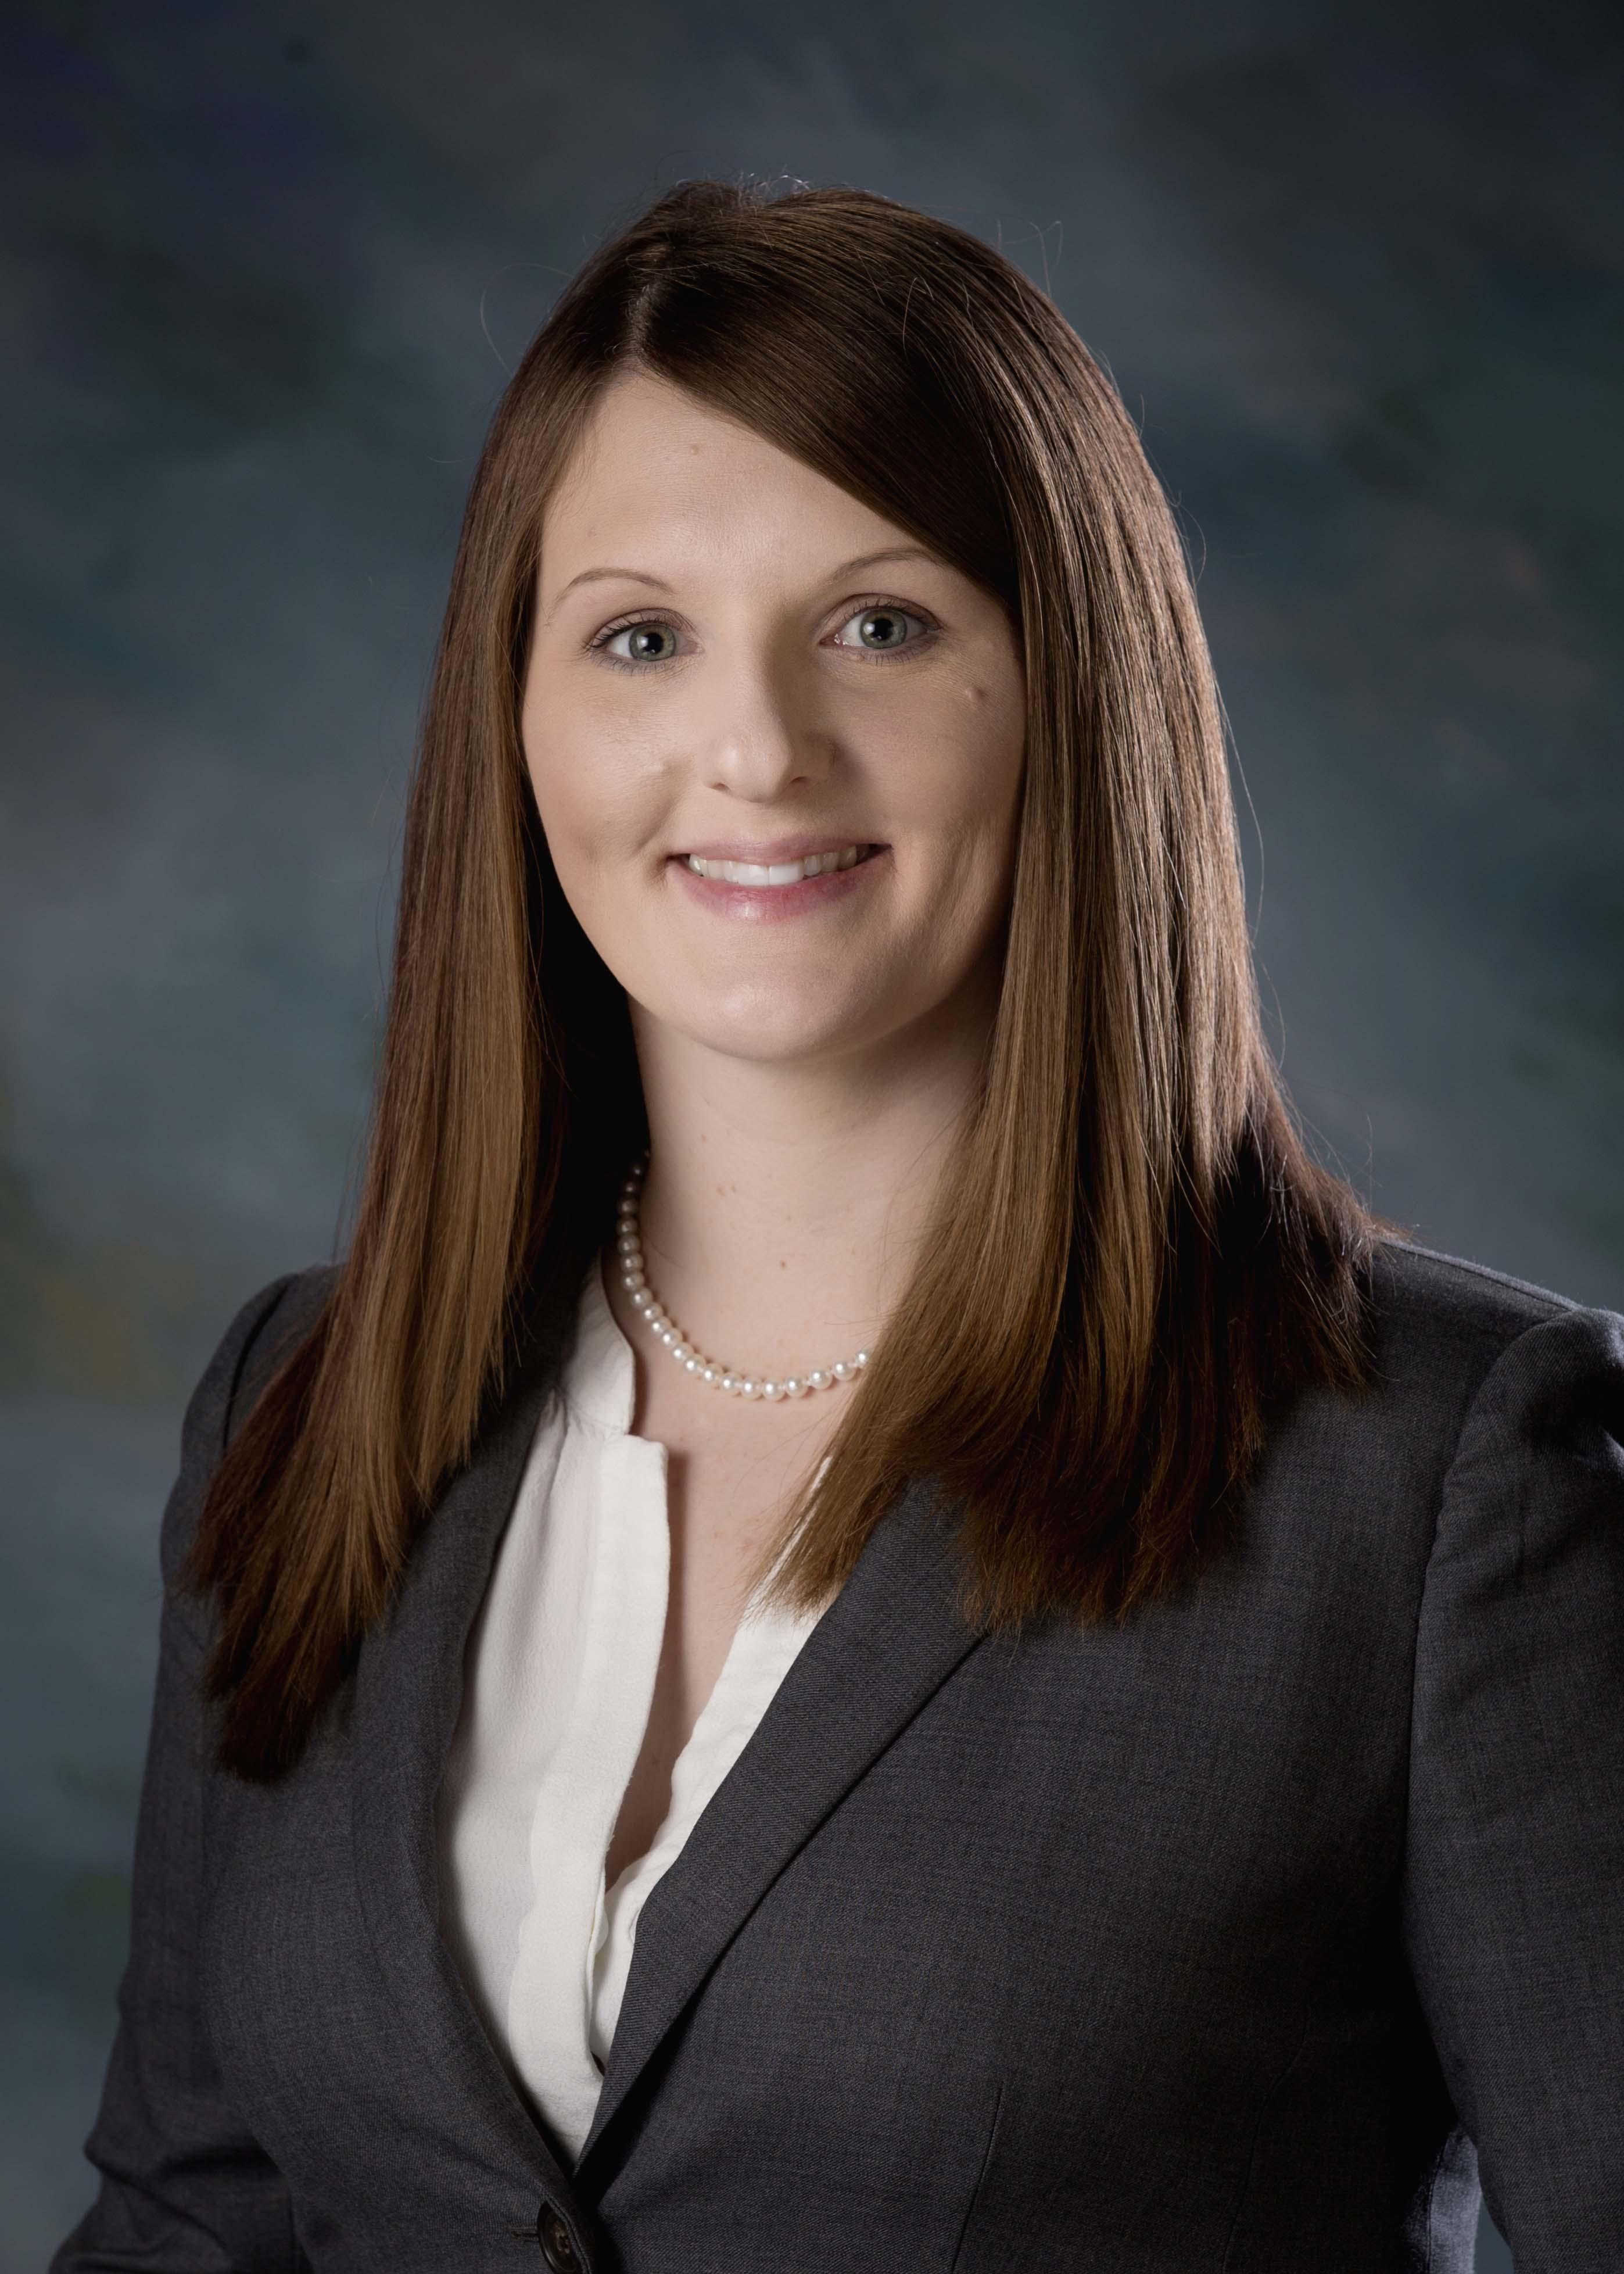 Sabra Abner, MD - Florence Dermatologist